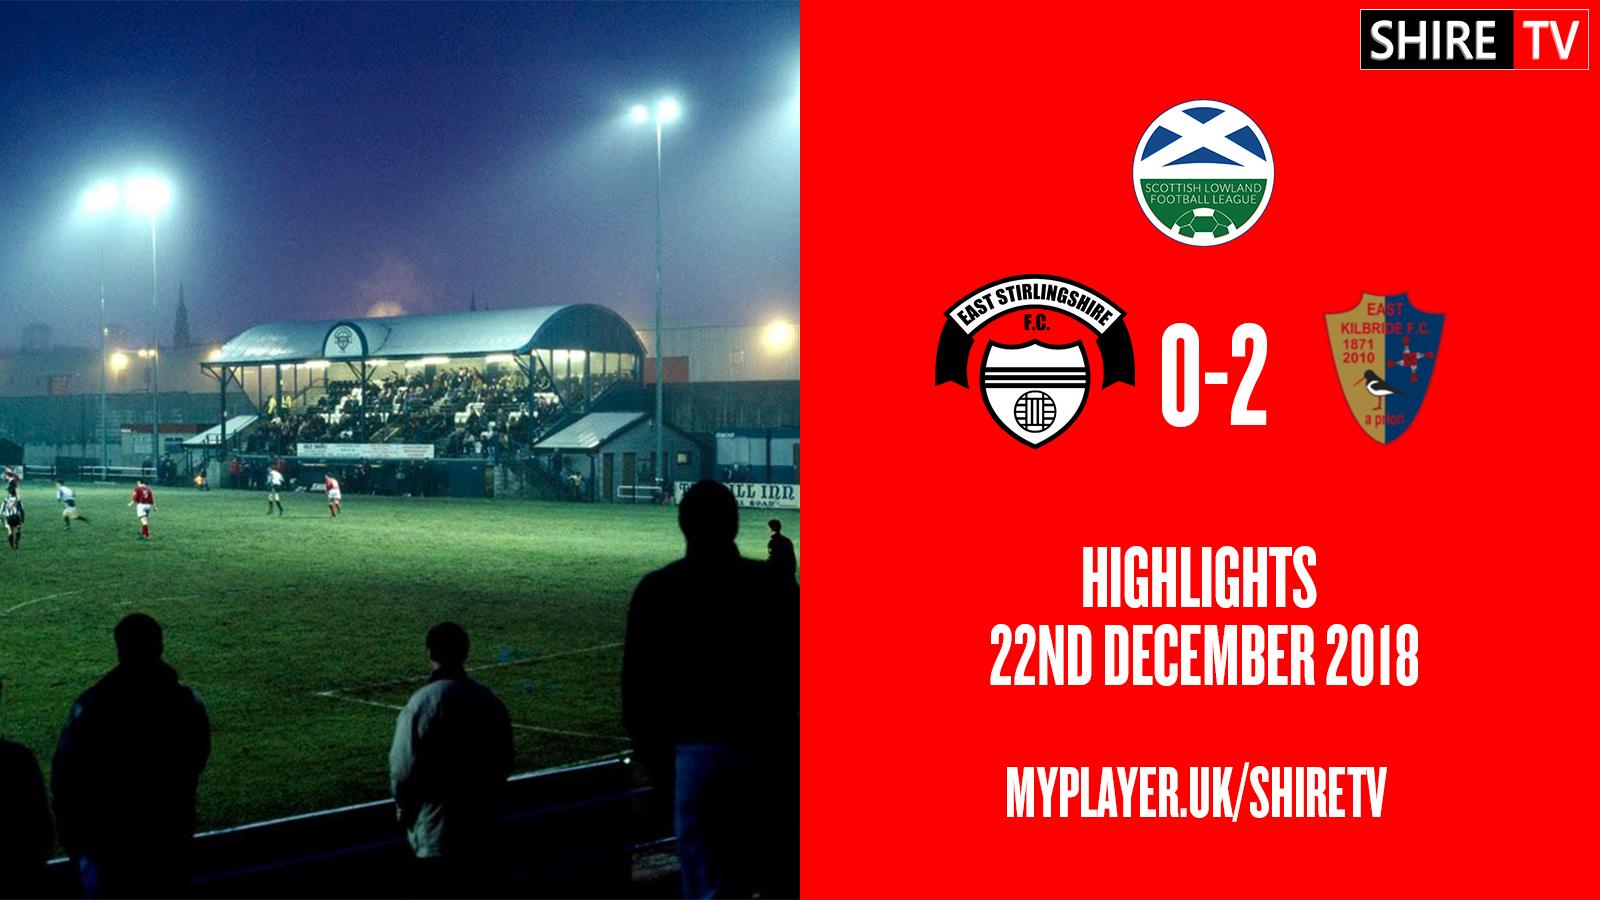 East Stirlingshire V East Kilbride (Lowland League 22nd December 2018)